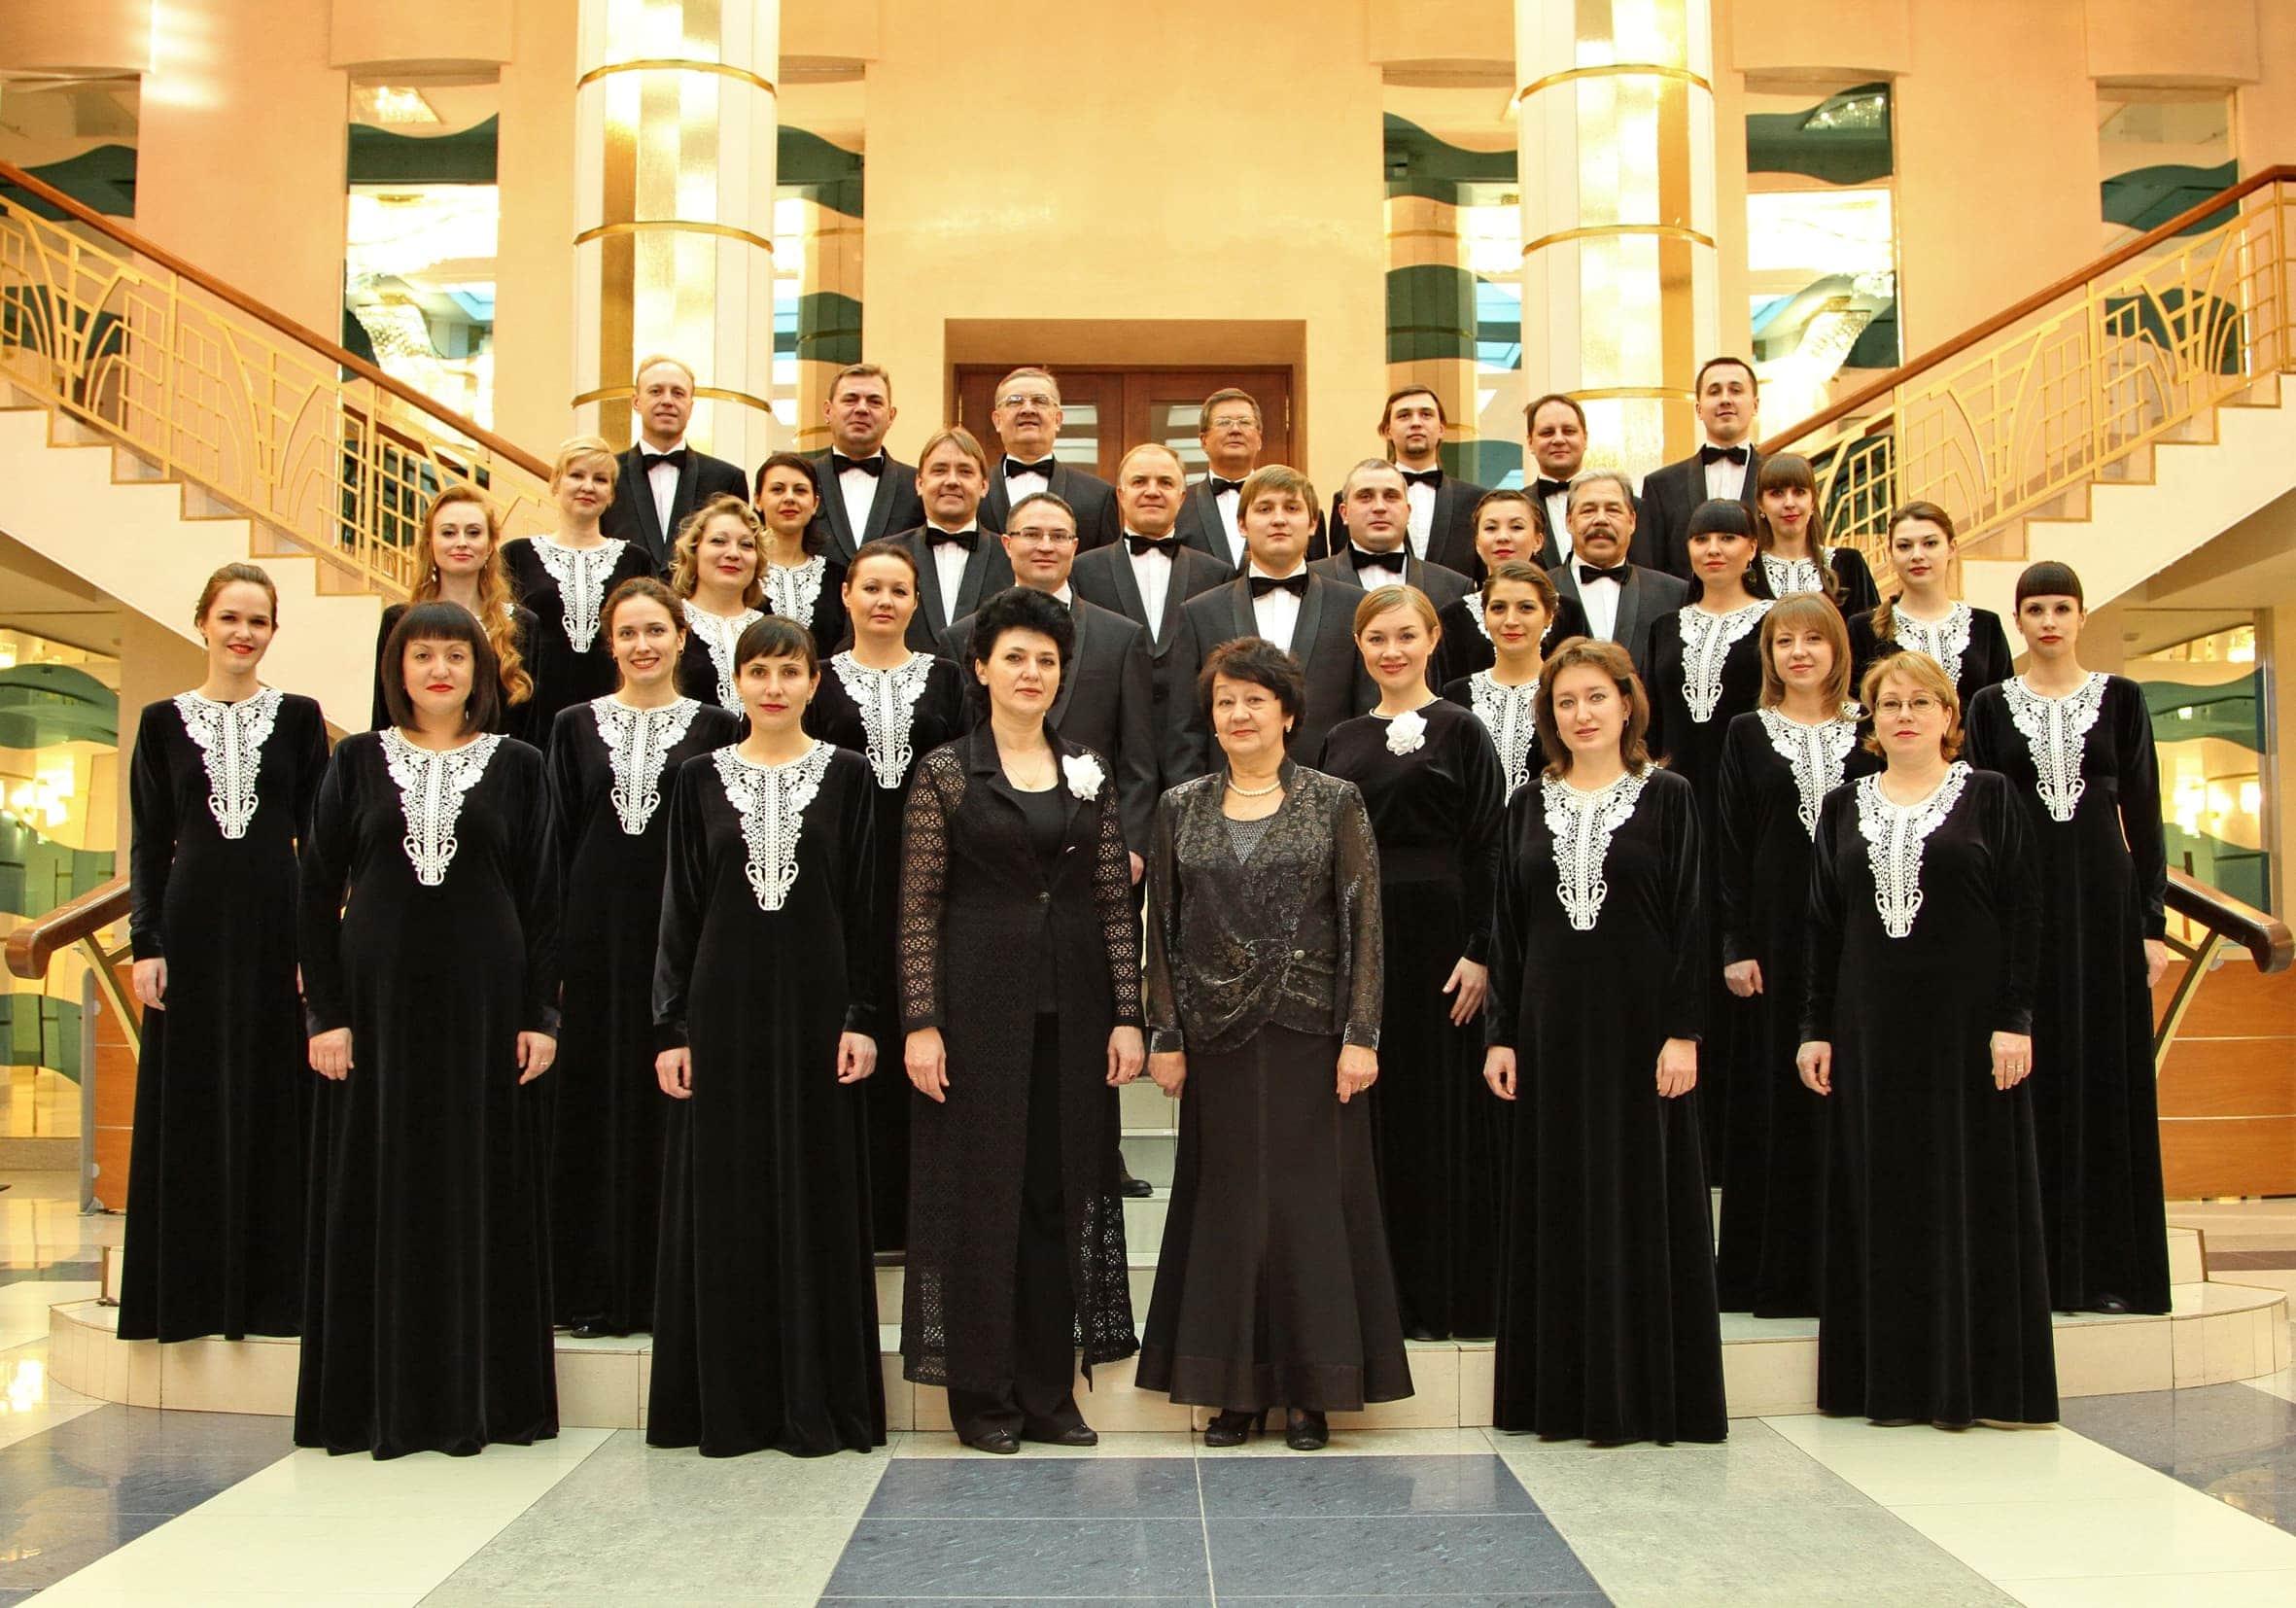 Губернаторский камерный хор Кузбасса завершил концертный сезон